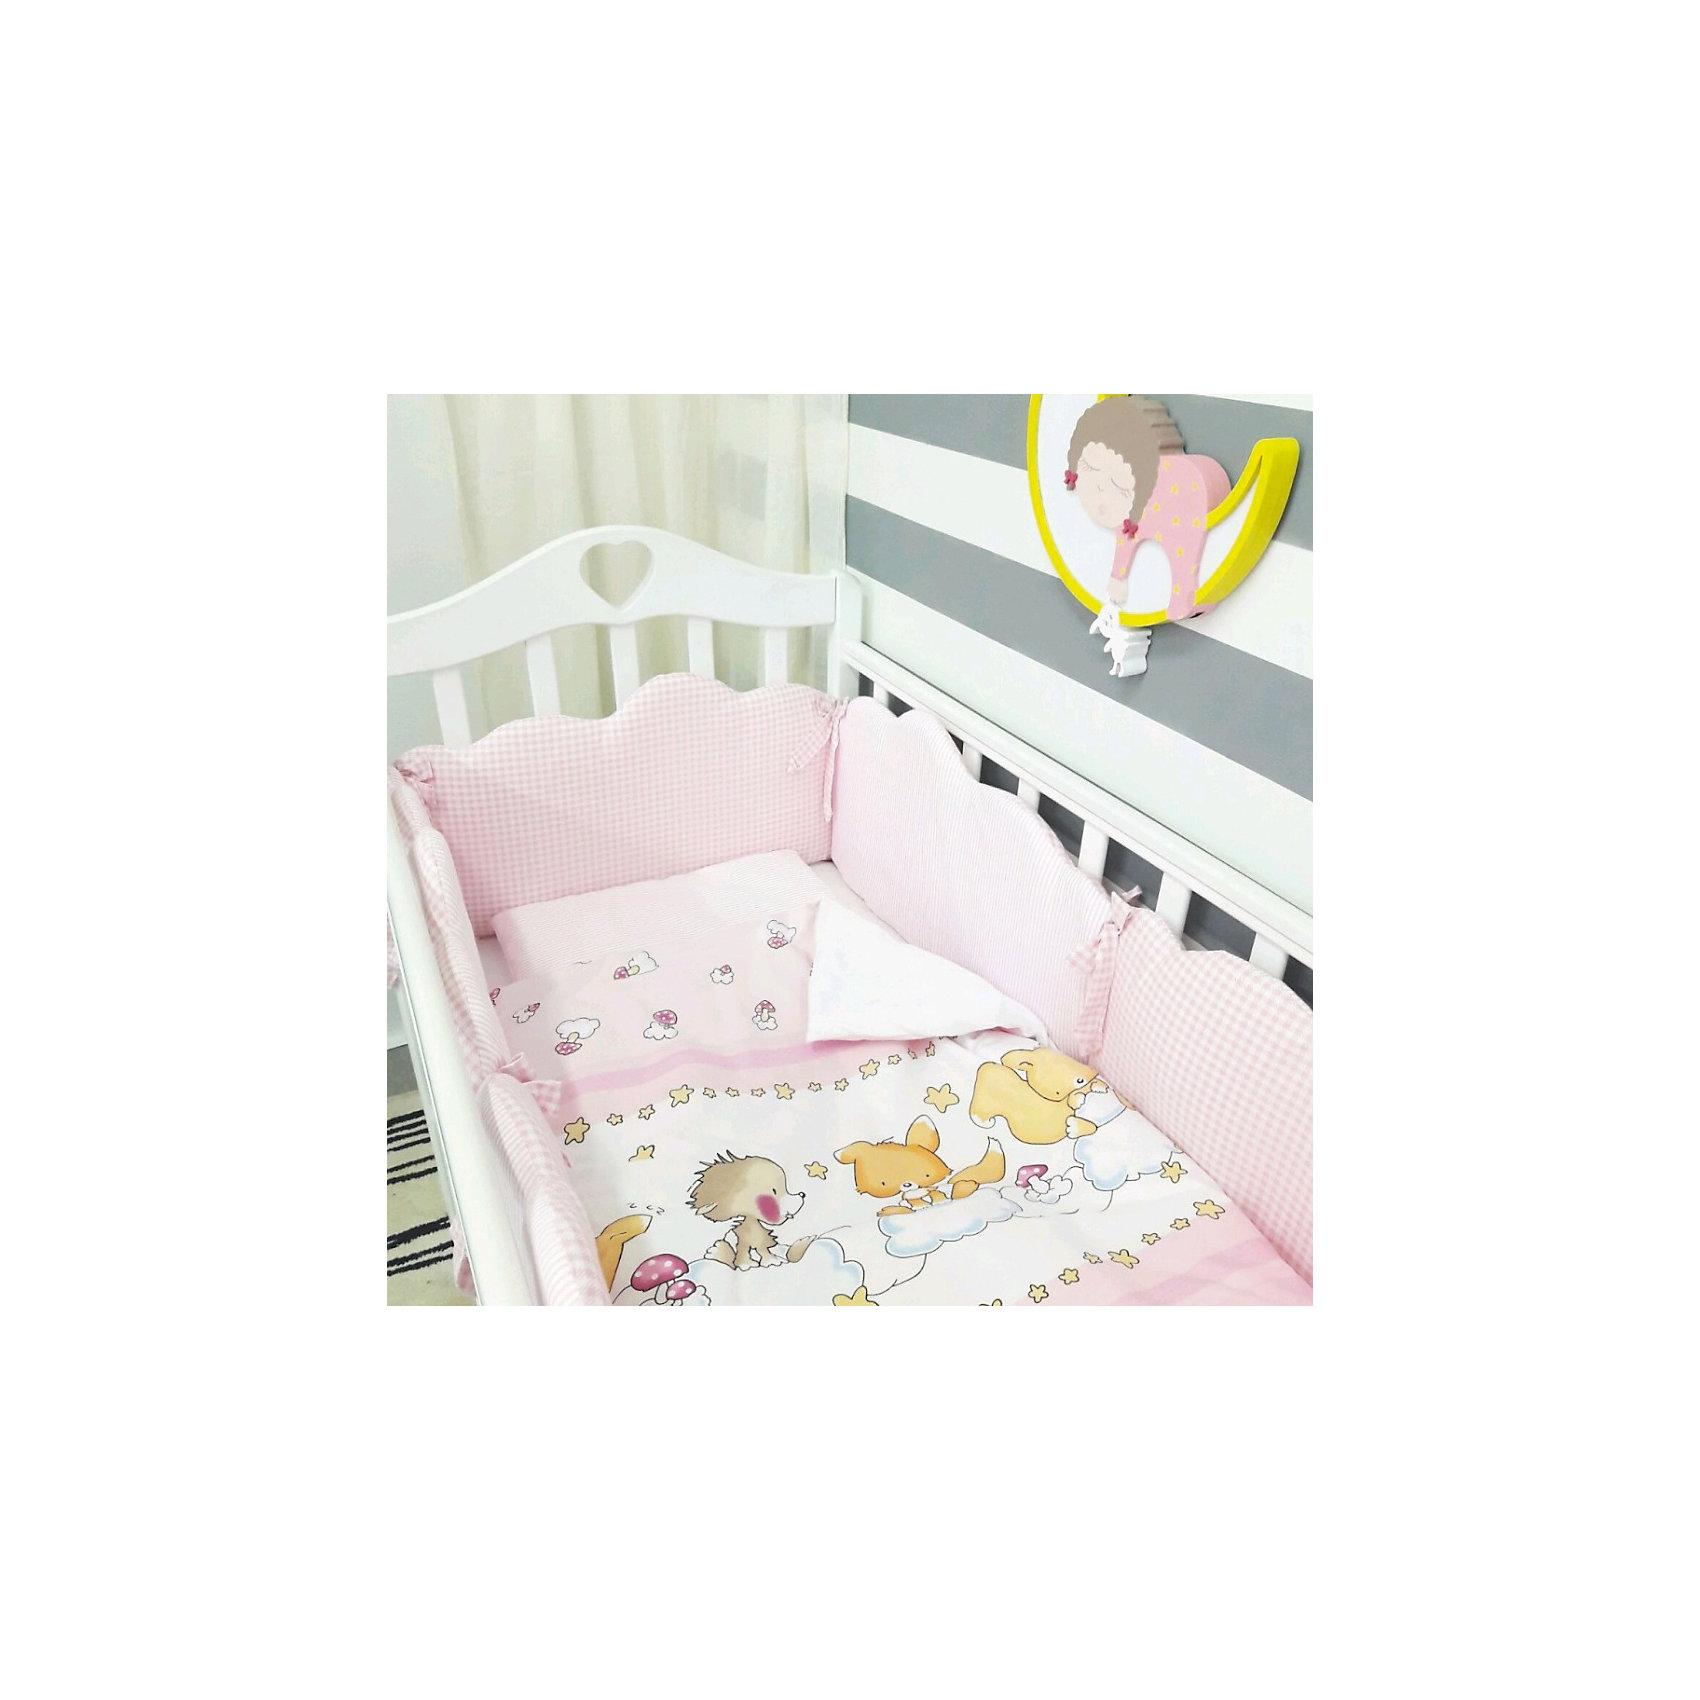 Постельное белье Облака 6 пред., byTwinz, розовыйКрасивый и стильный комплект постельного белья для Вашего ребенка. <br><br>В комплект входит 6 предметов: <br>бортики-облачка на завязках со сьемными наволочками 6 штук размером 60х45 см<br>простынь на резинке 125х65 см<br>наволочка 36х46 см<br>подушка 35х45см<br>пододеяльник 105х145 см<br>одеяло 100х140 см<br><br>Комплект выполнен их 100% хлопка, сатин<br>Наполнитель - холофайбер, экологически чистое, гиппоаллергенное волокно.<br><br>Ширина мм: 580<br>Глубина мм: 580<br>Высота мм: 180<br>Вес г: 3000<br>Возраст от месяцев: 0<br>Возраст до месяцев: 36<br>Пол: Унисекс<br>Возраст: Детский<br>SKU: 5197367